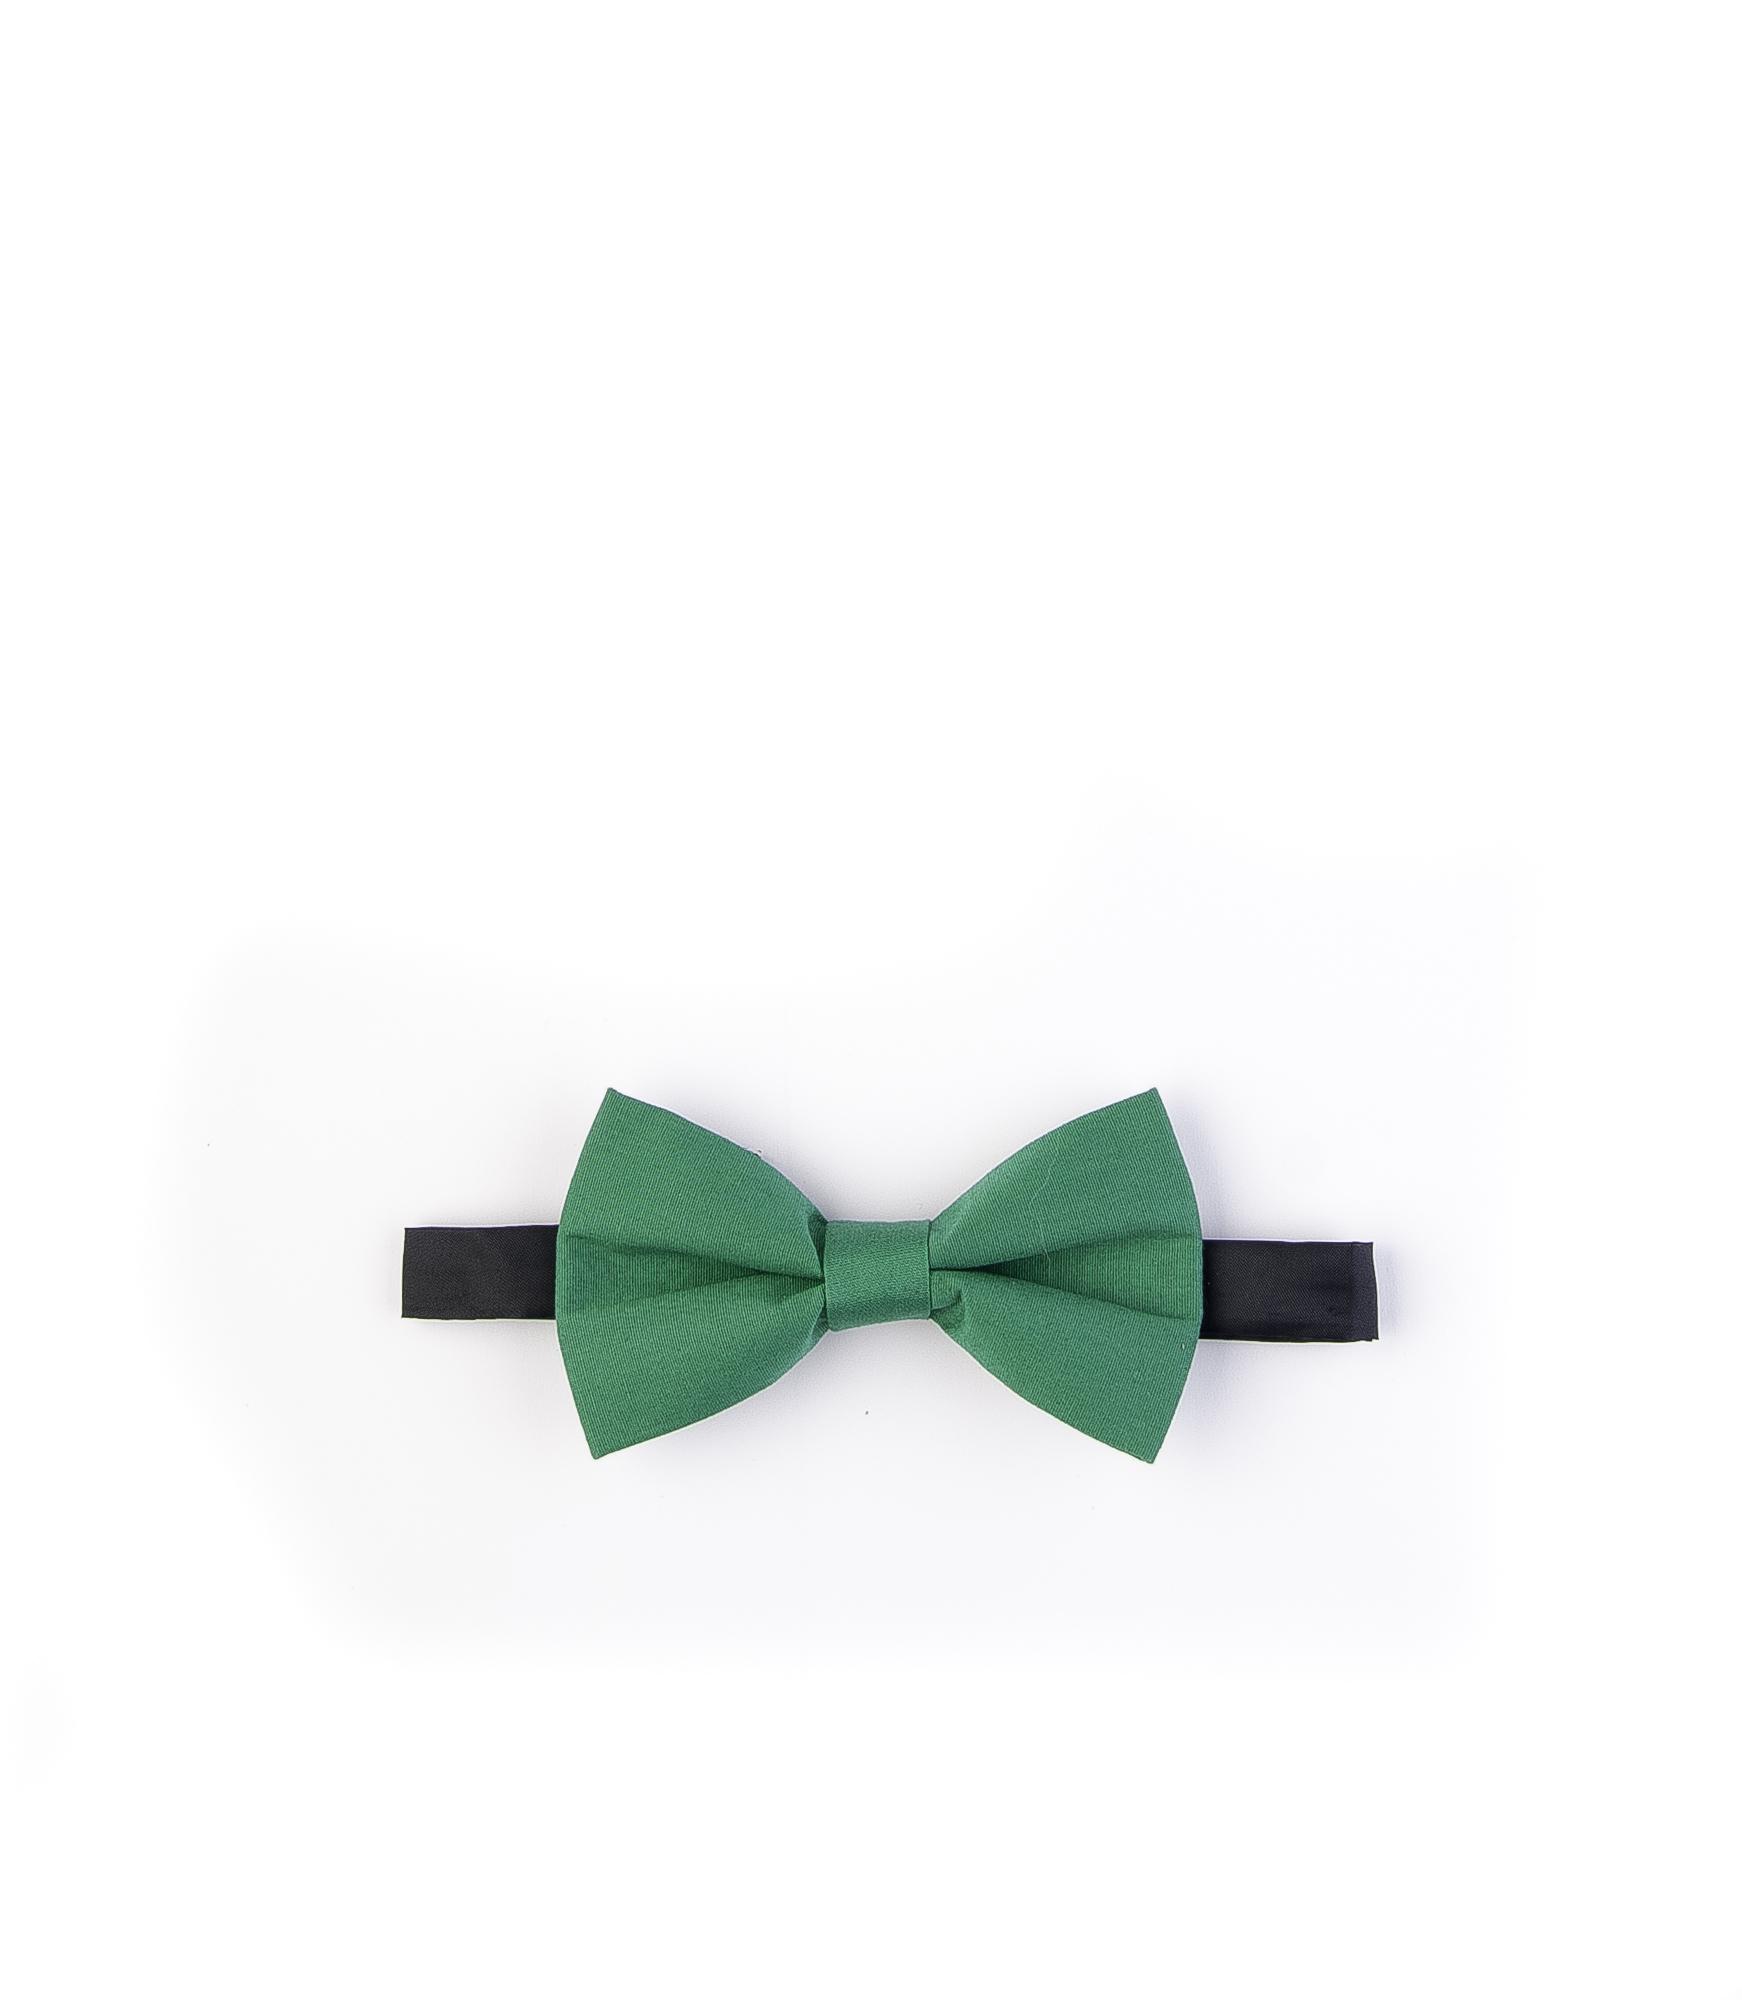 پاپیون کتان مردانه دست ساز Lauren Vickers-سبز BT1052